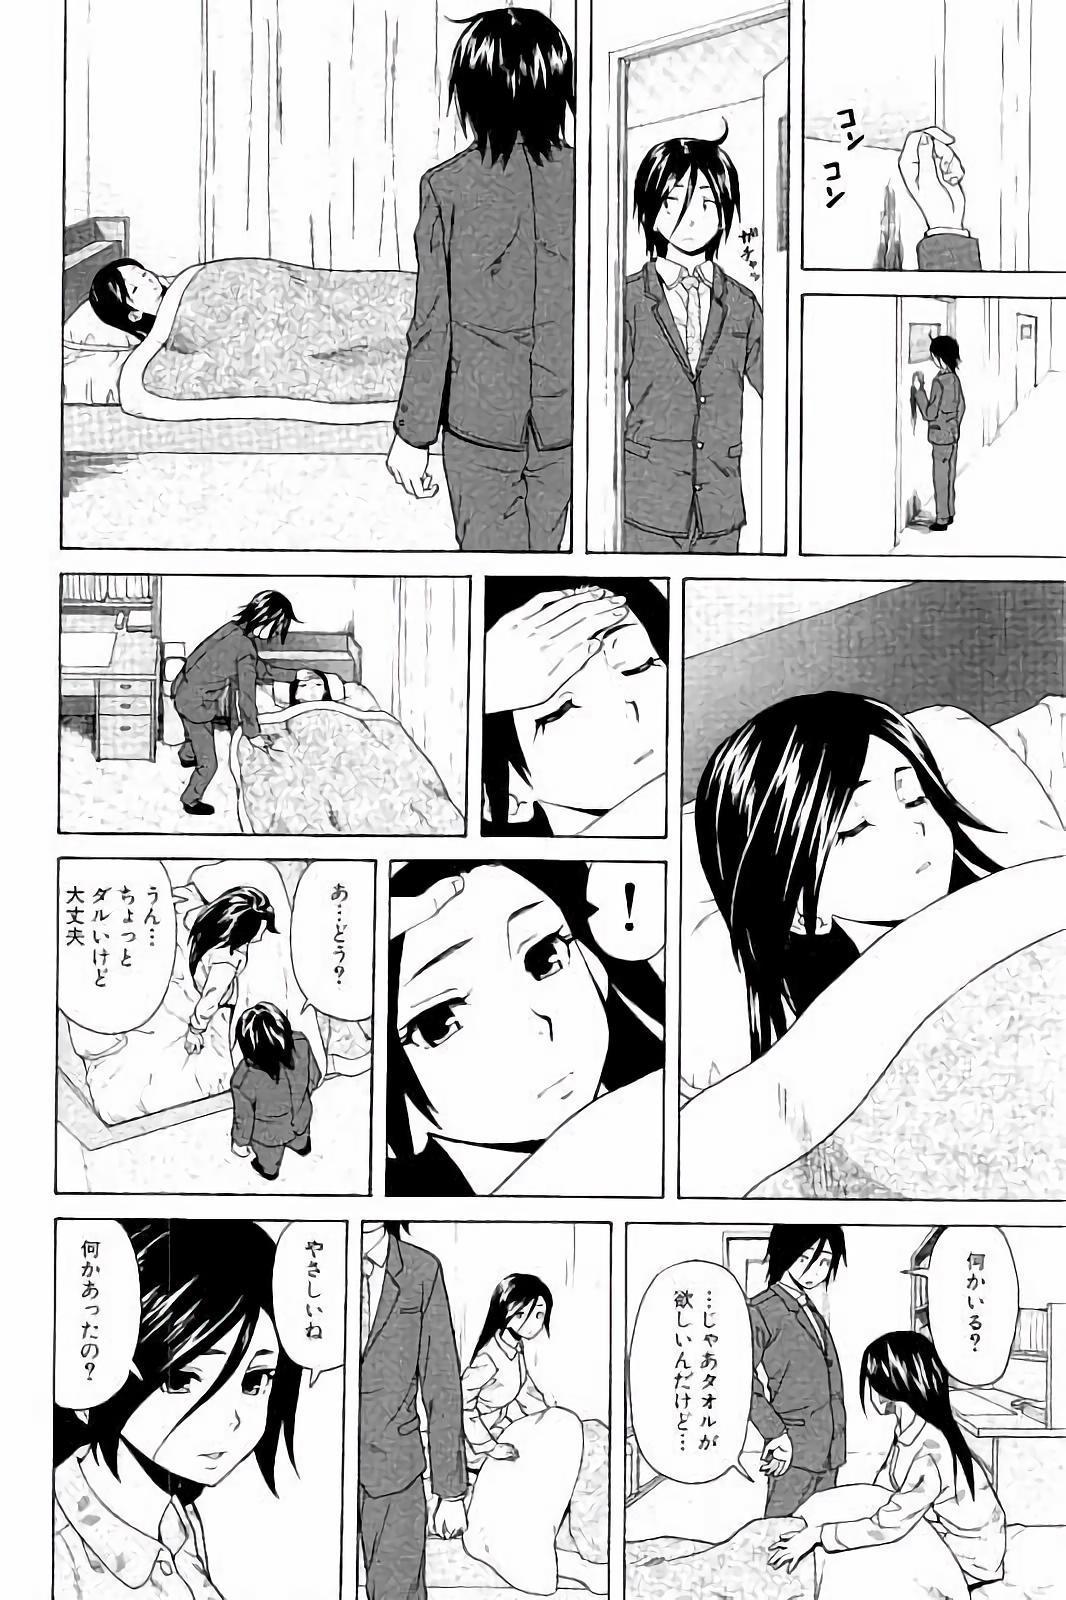 Ane no Himitsu To Boku no Jisatsu 45